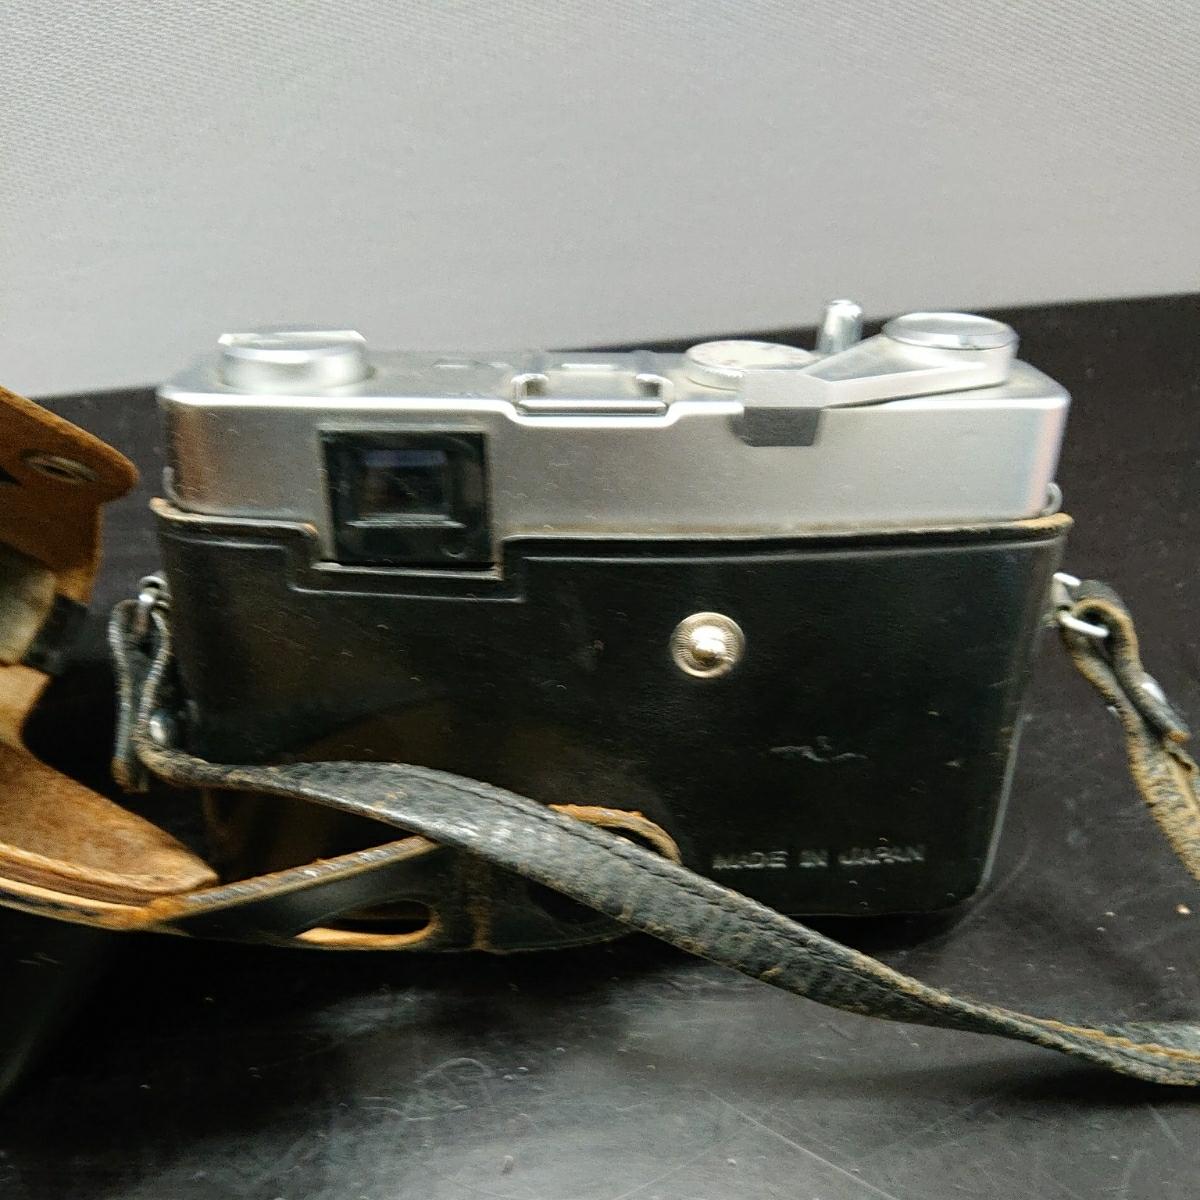 コニカ Konica EE-MATIC Deluxe KONICA HEXANON 1:2.8 f=40mm 専用ケース付き み_画像6